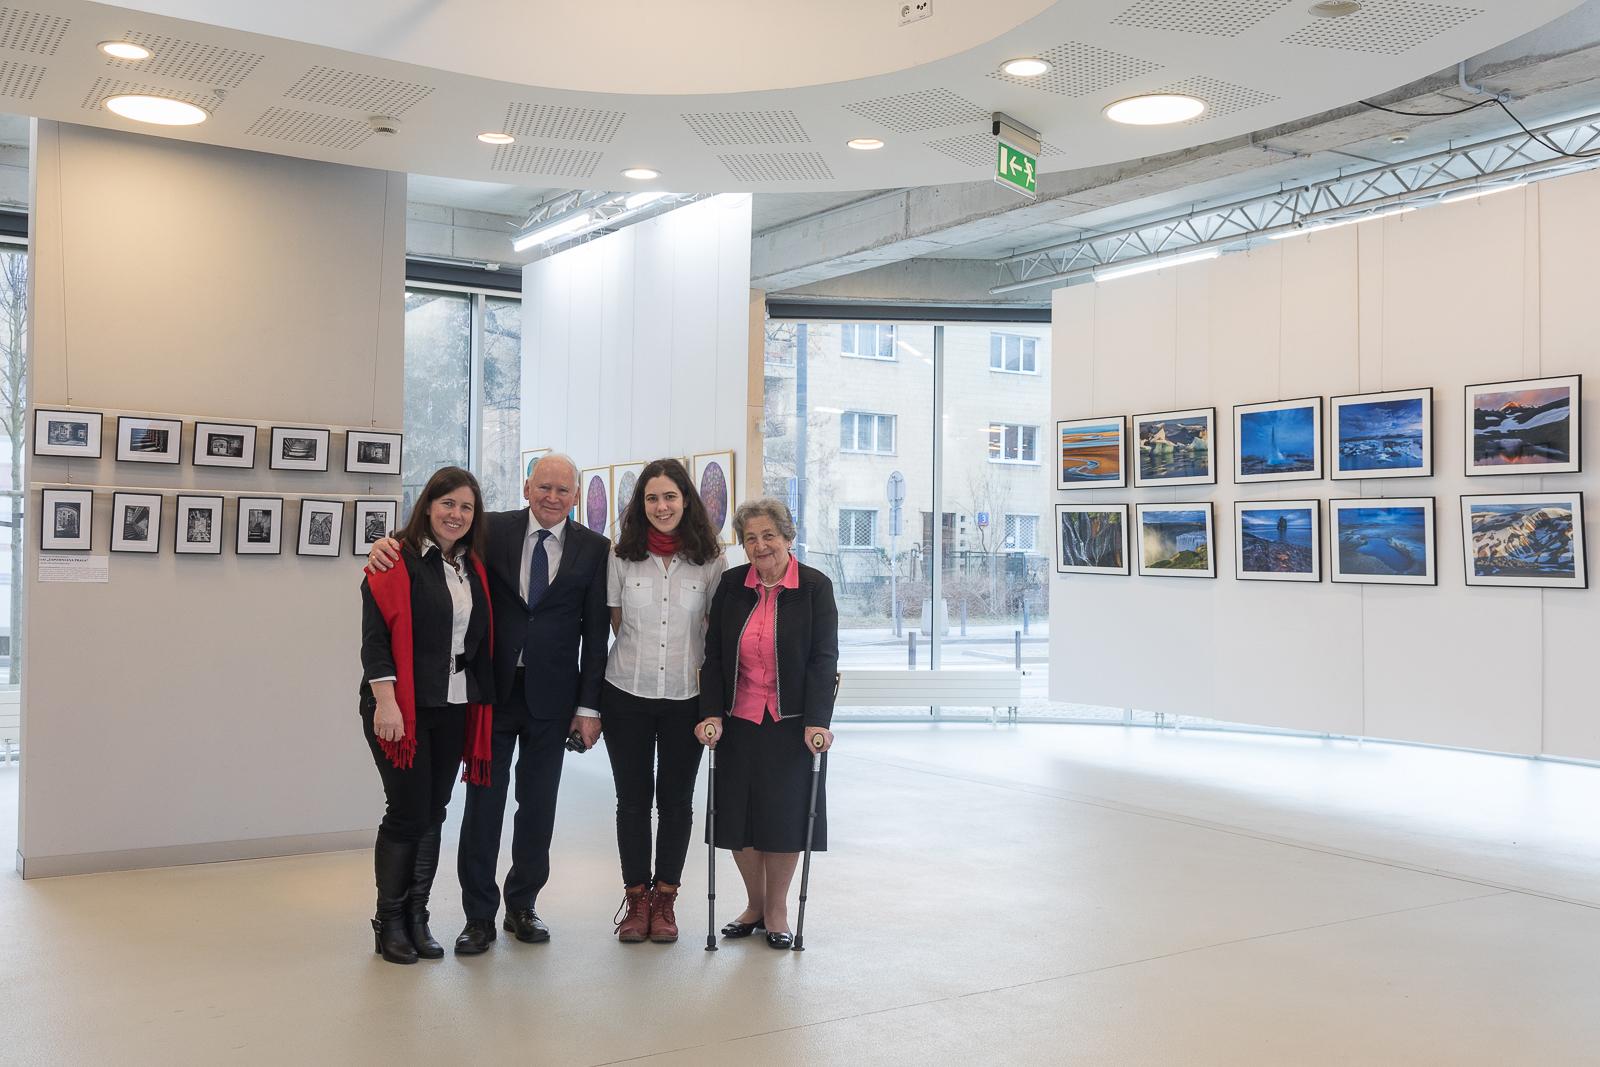 Teresa i Maciej Nowiccy, Katarzyna Gubrynowicz z córką Joanną